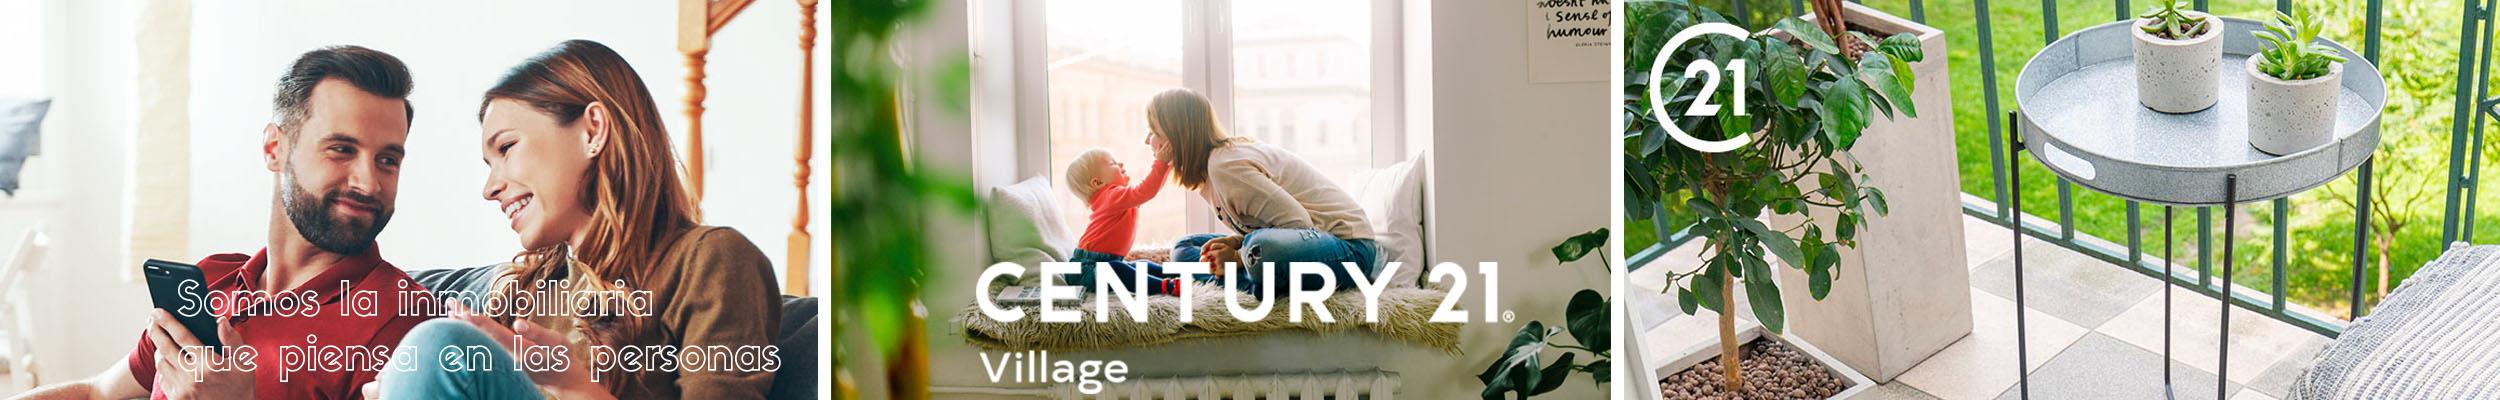 Blog Century 21 Village